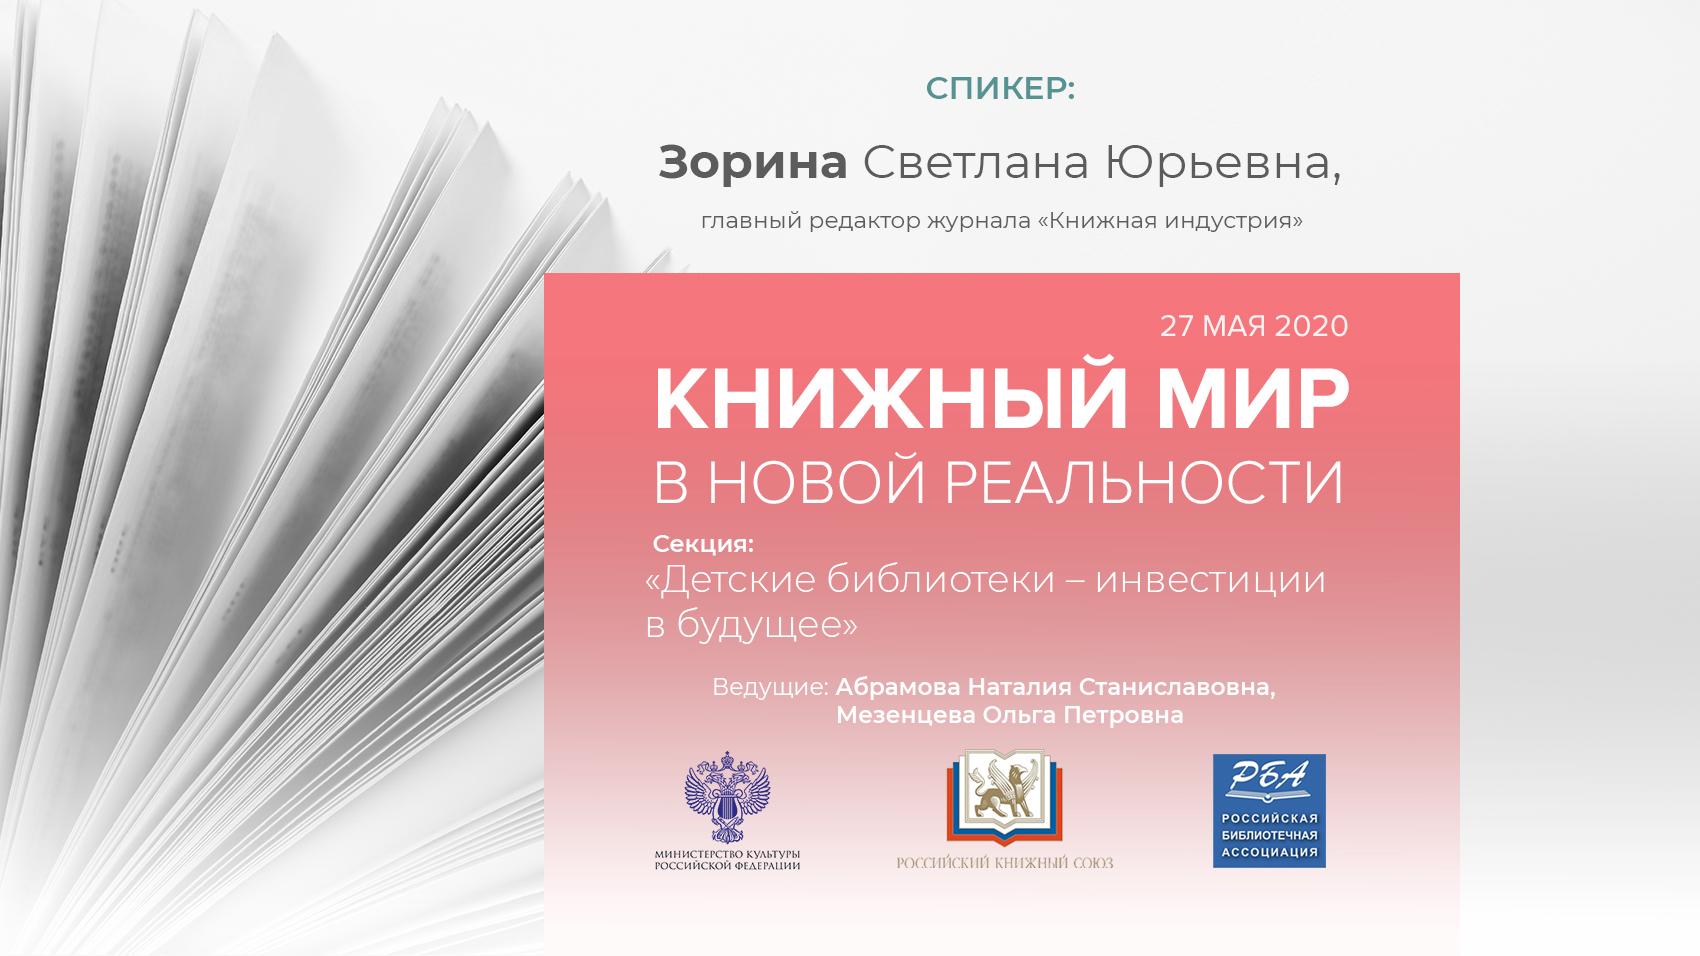 Зорина Светлана Юрьевна